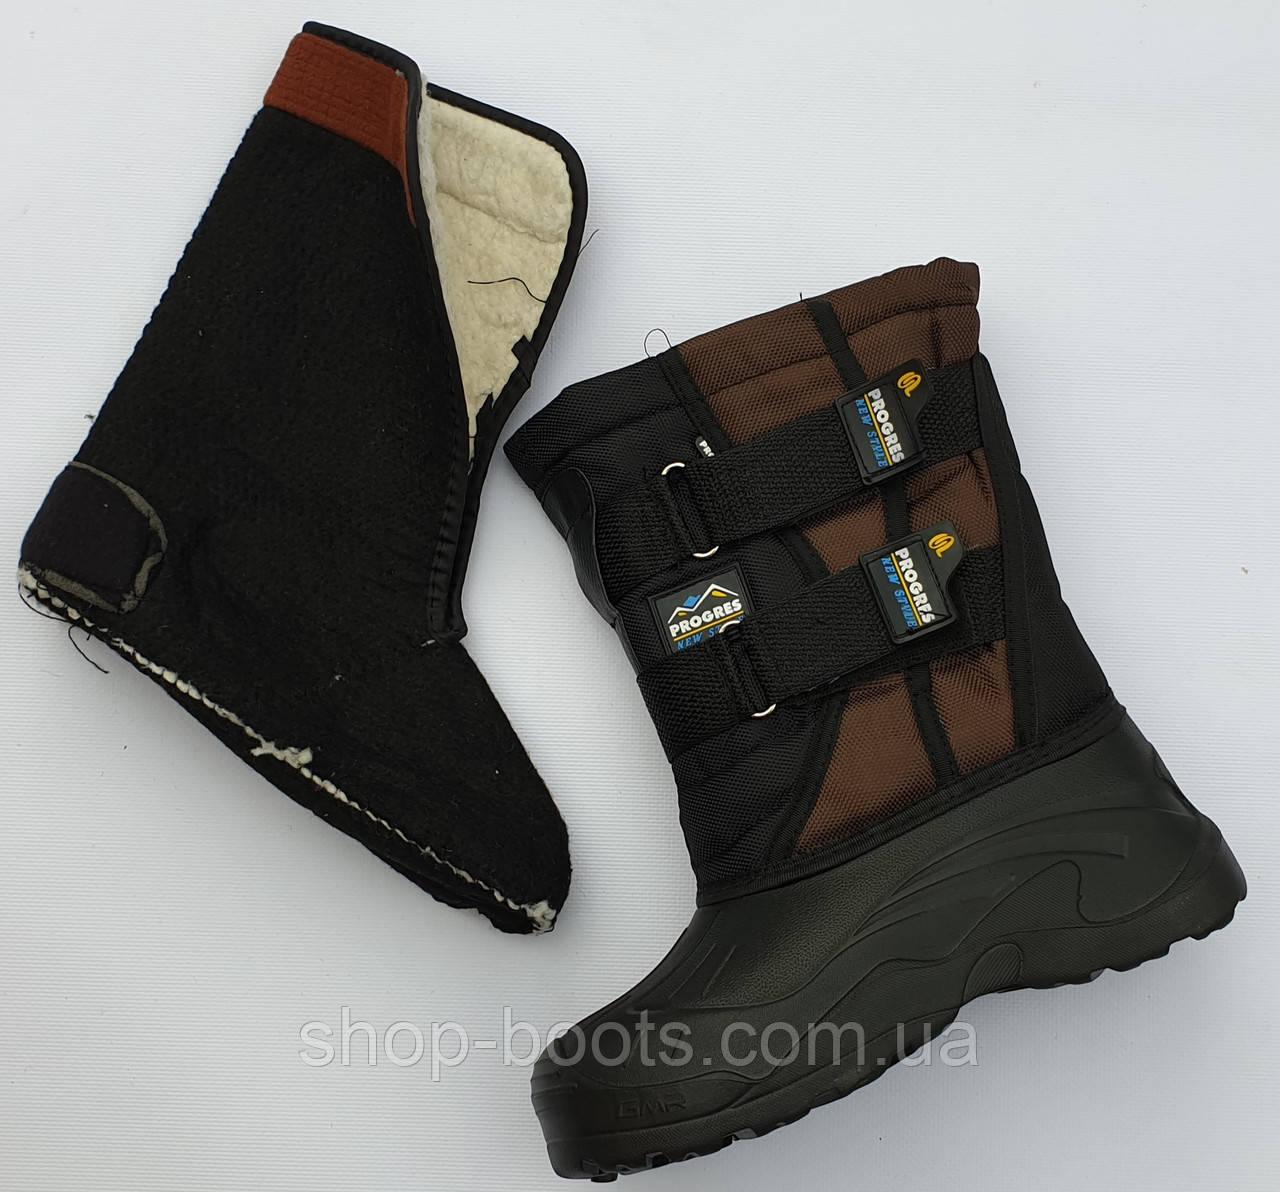 Подростковые сапоги аляска со теплой вставкой. 36-41рр. Модель аляска подросток 6